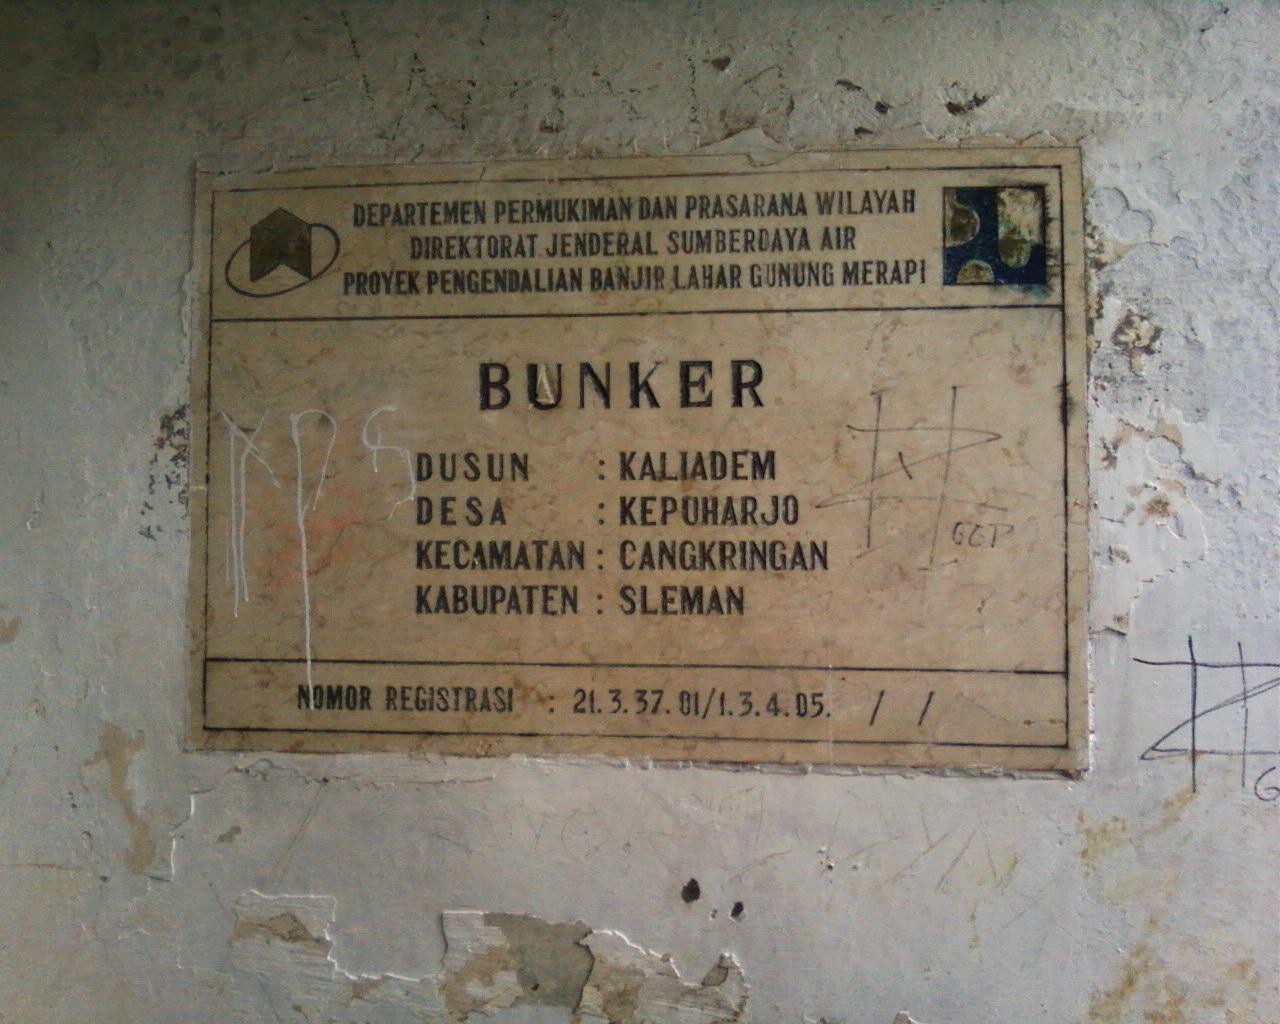 Walking Lava Tour Kaliadem 1 Terdapat Bunker Dahulu Menewaskan Dua